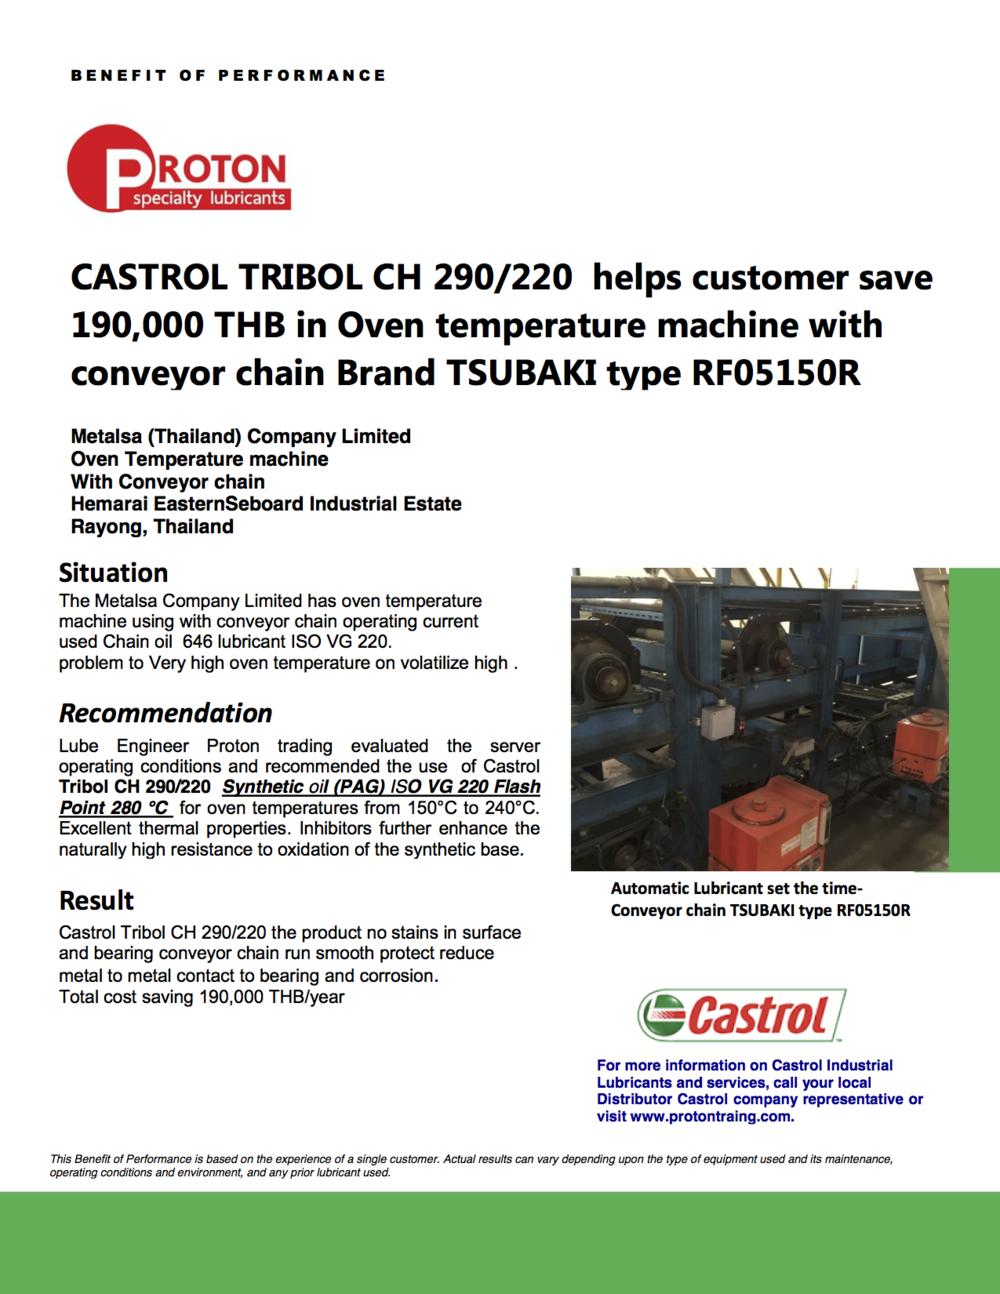 BOP_Castrol Tribol CH 290-220(Metalsa).png